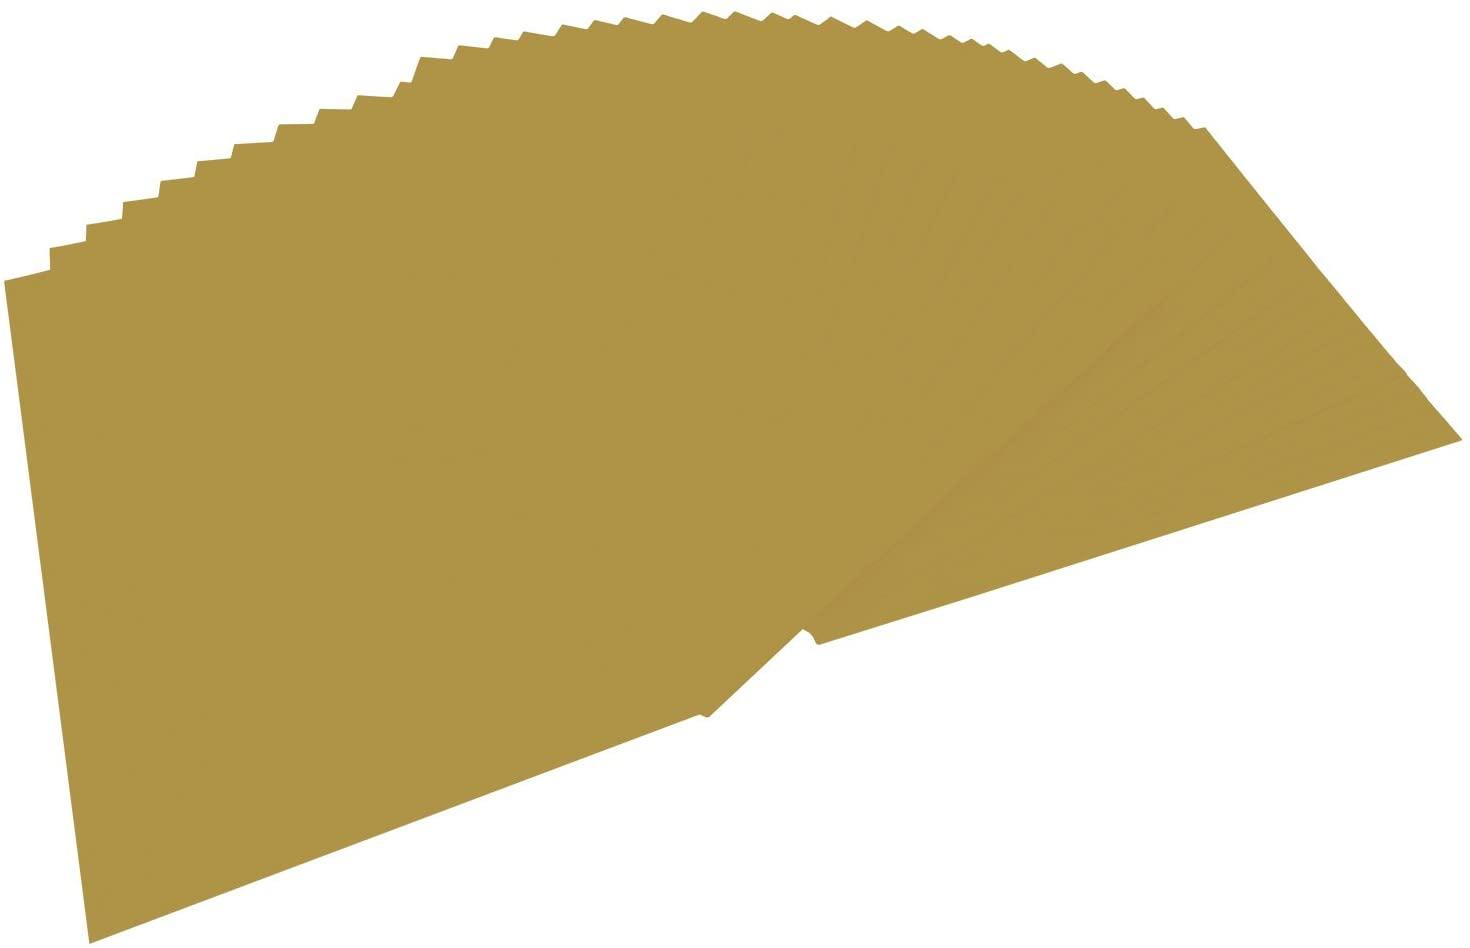 folia 6465 - Tonpapier gold matt, DIN A4, 130 g/qm, 100 Blatt - zum Basteln und kreativen Gestalten